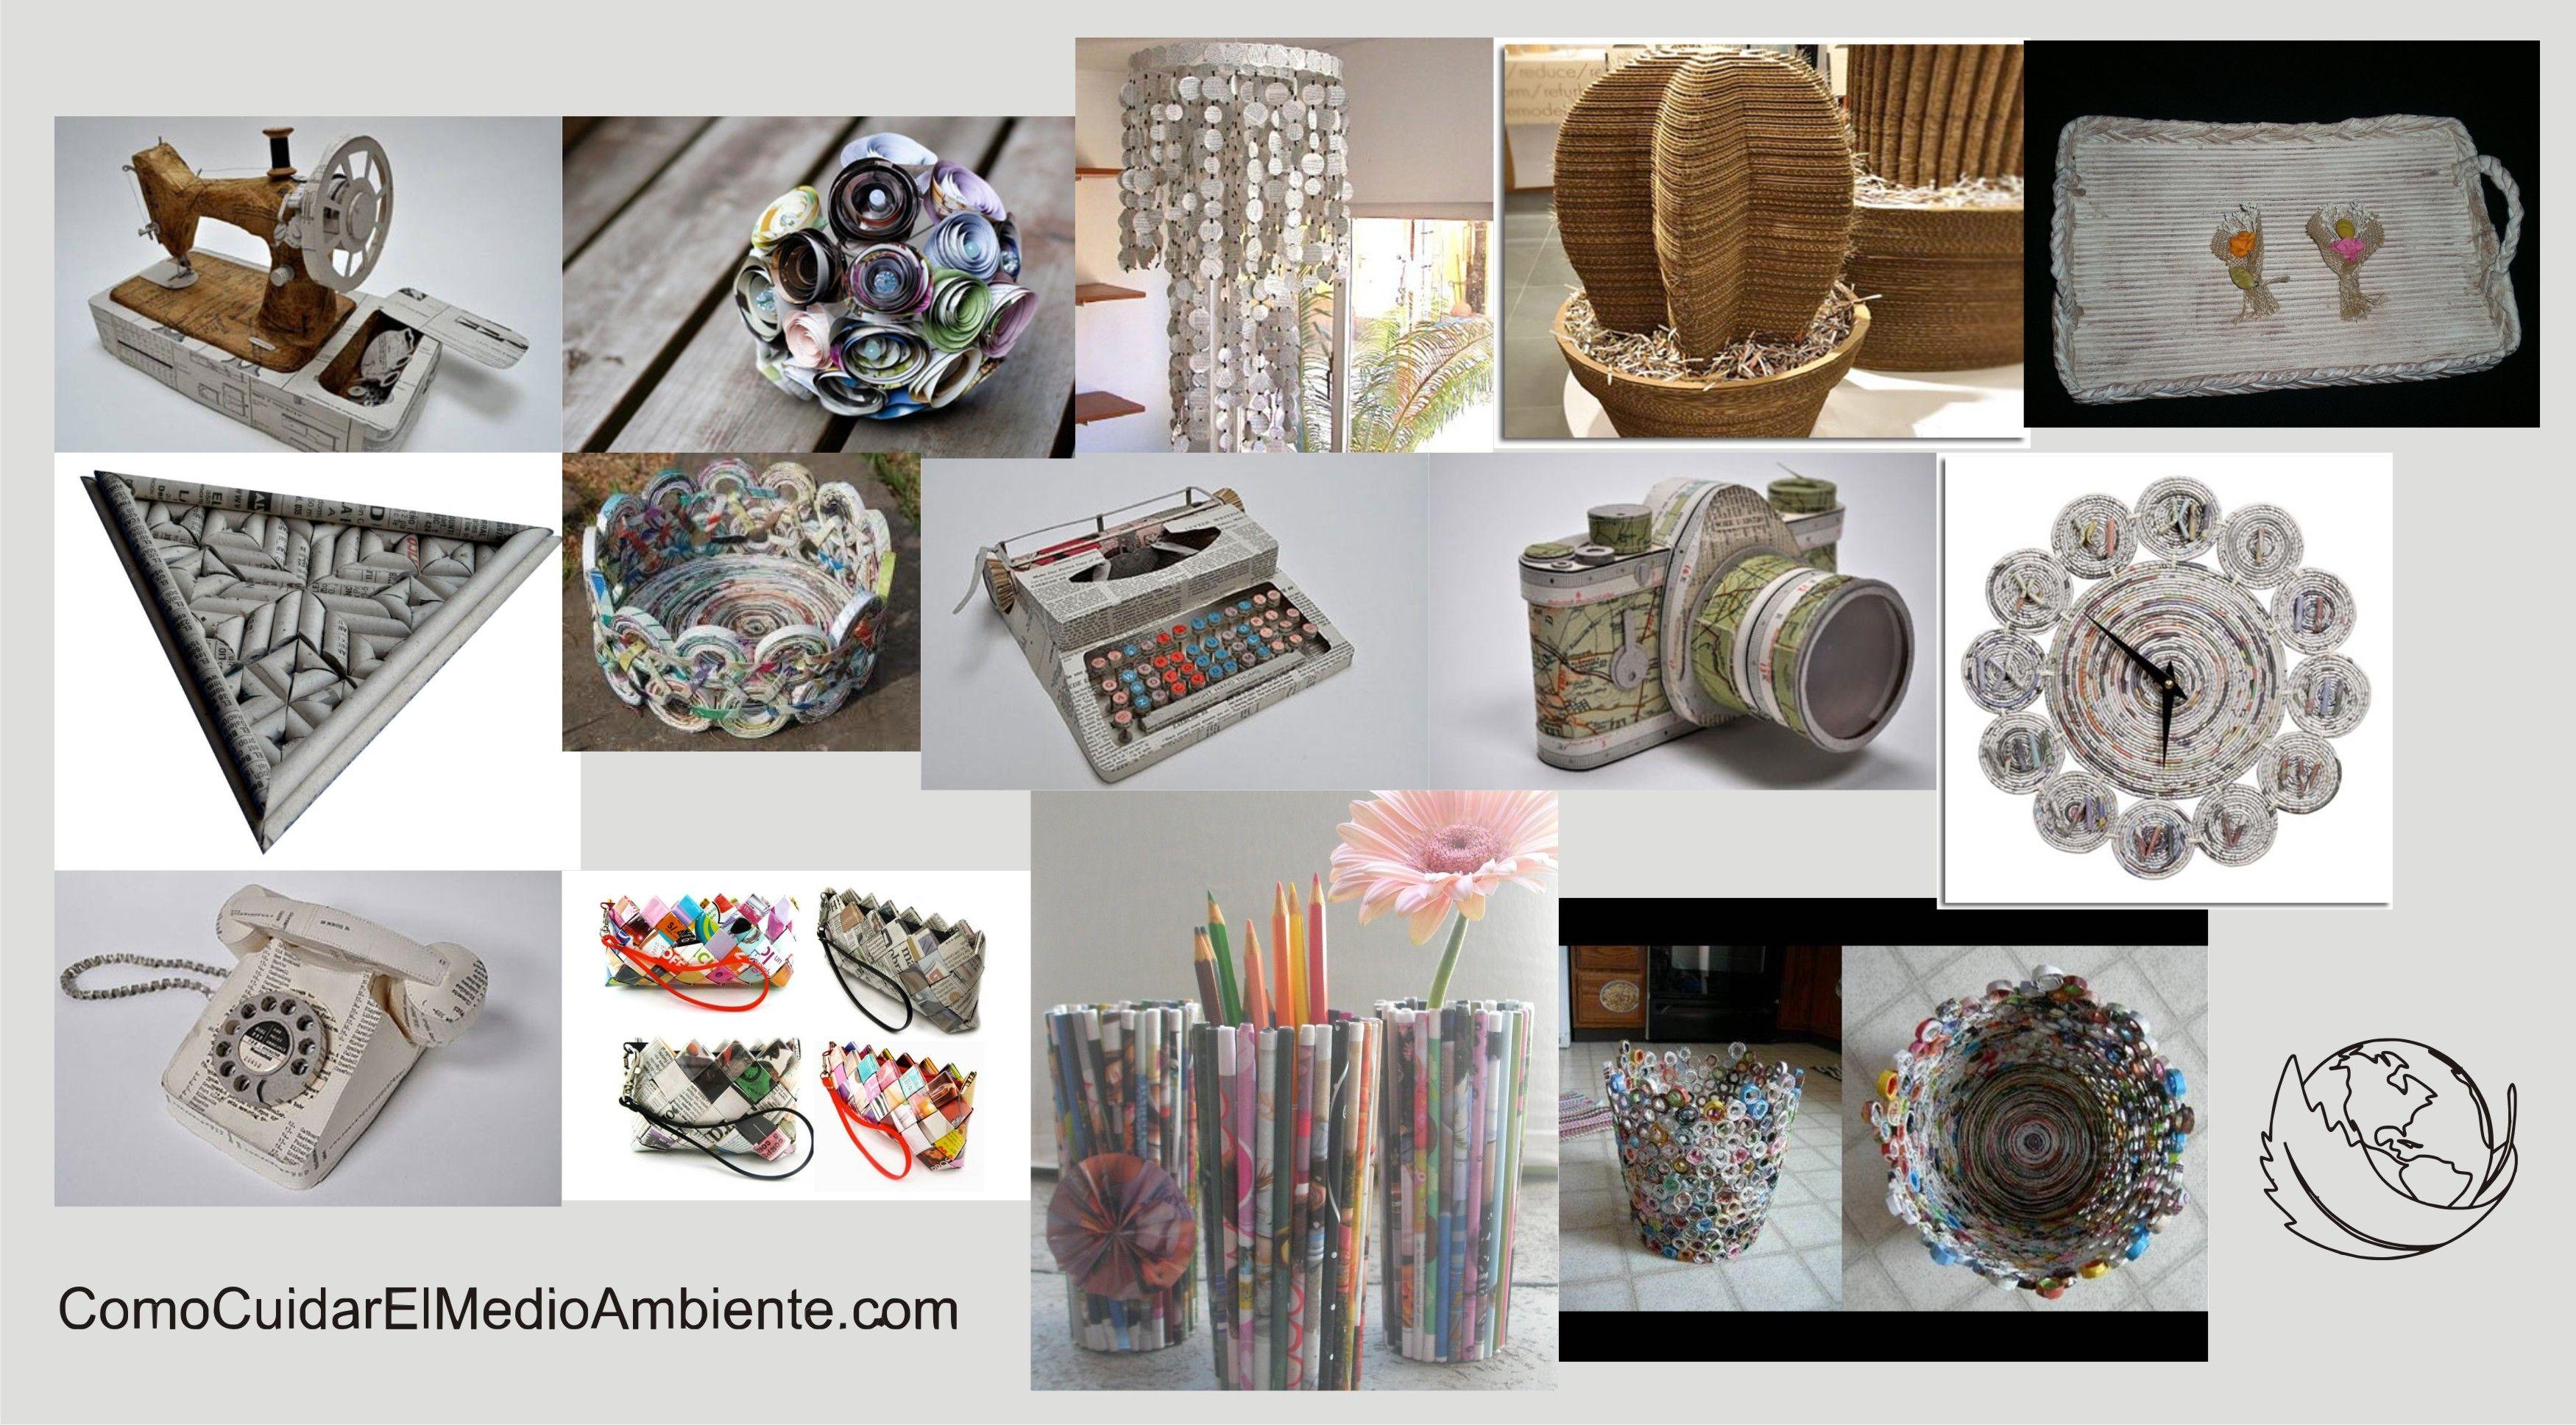 Como reciclar objetos manualidades como hacer un buro con papel periodico welcome to - Objetos de reciclaje ...